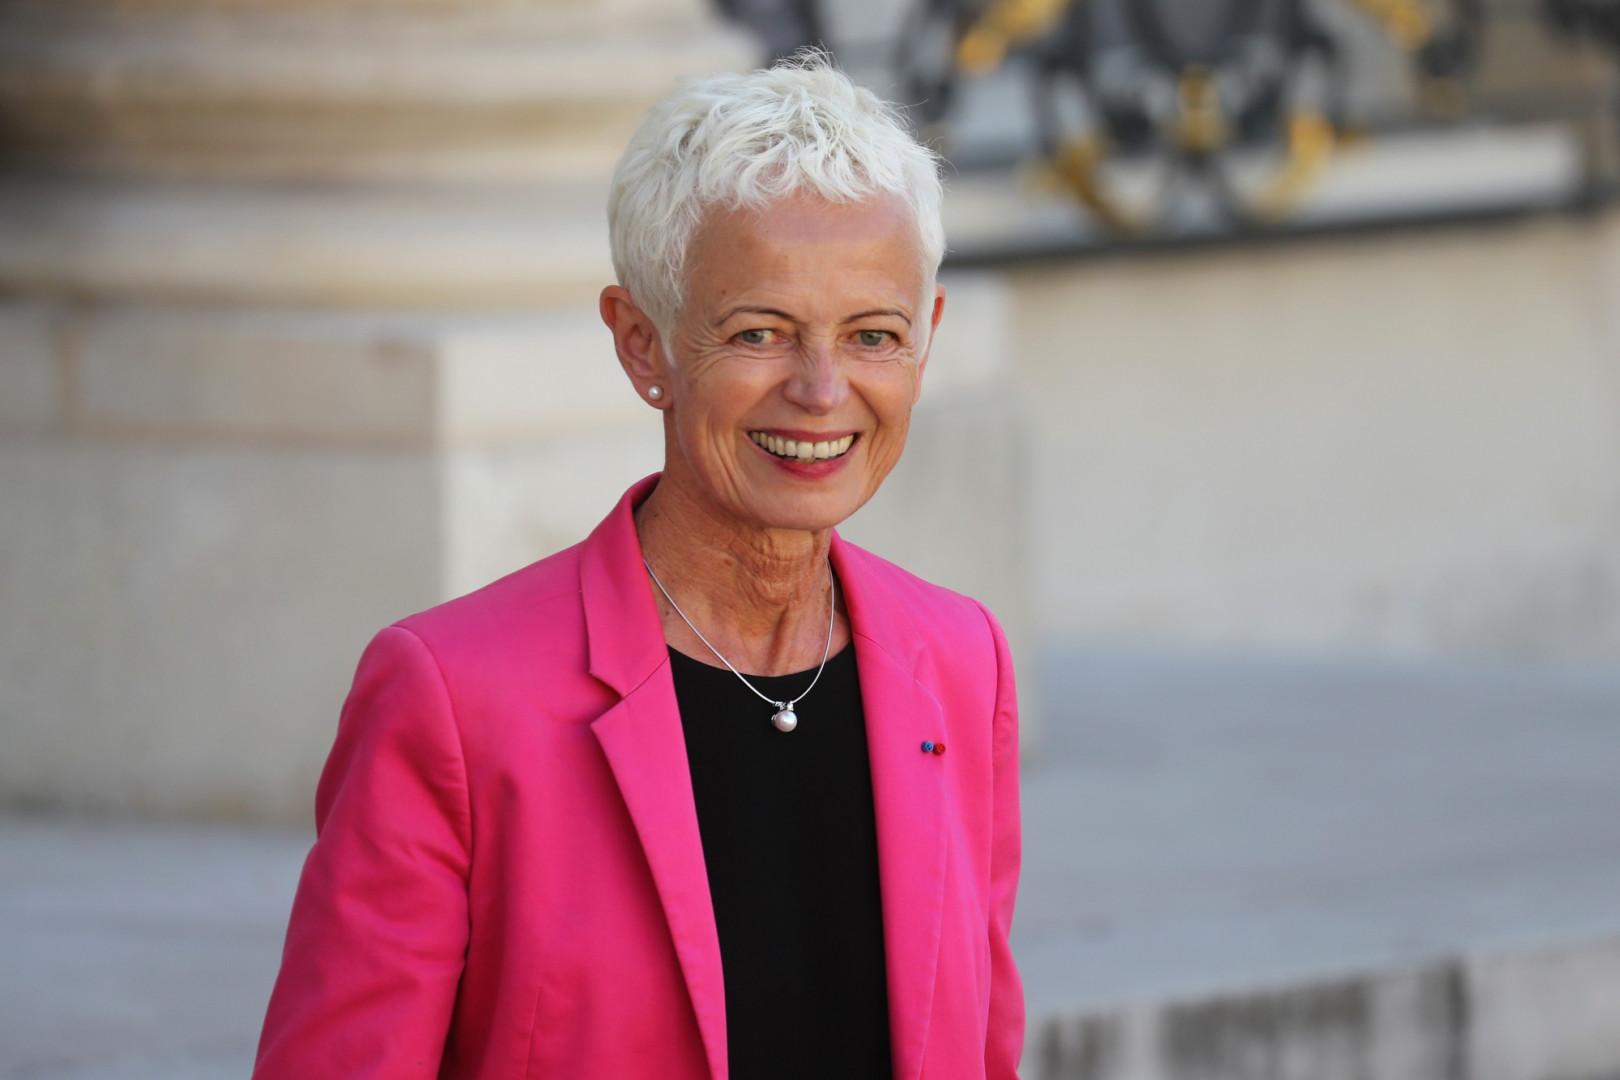 Brigitte Klinkert, ministre déléguée chargée de l'Insertion, dirigera la liste LaREM dans le Grand Est.